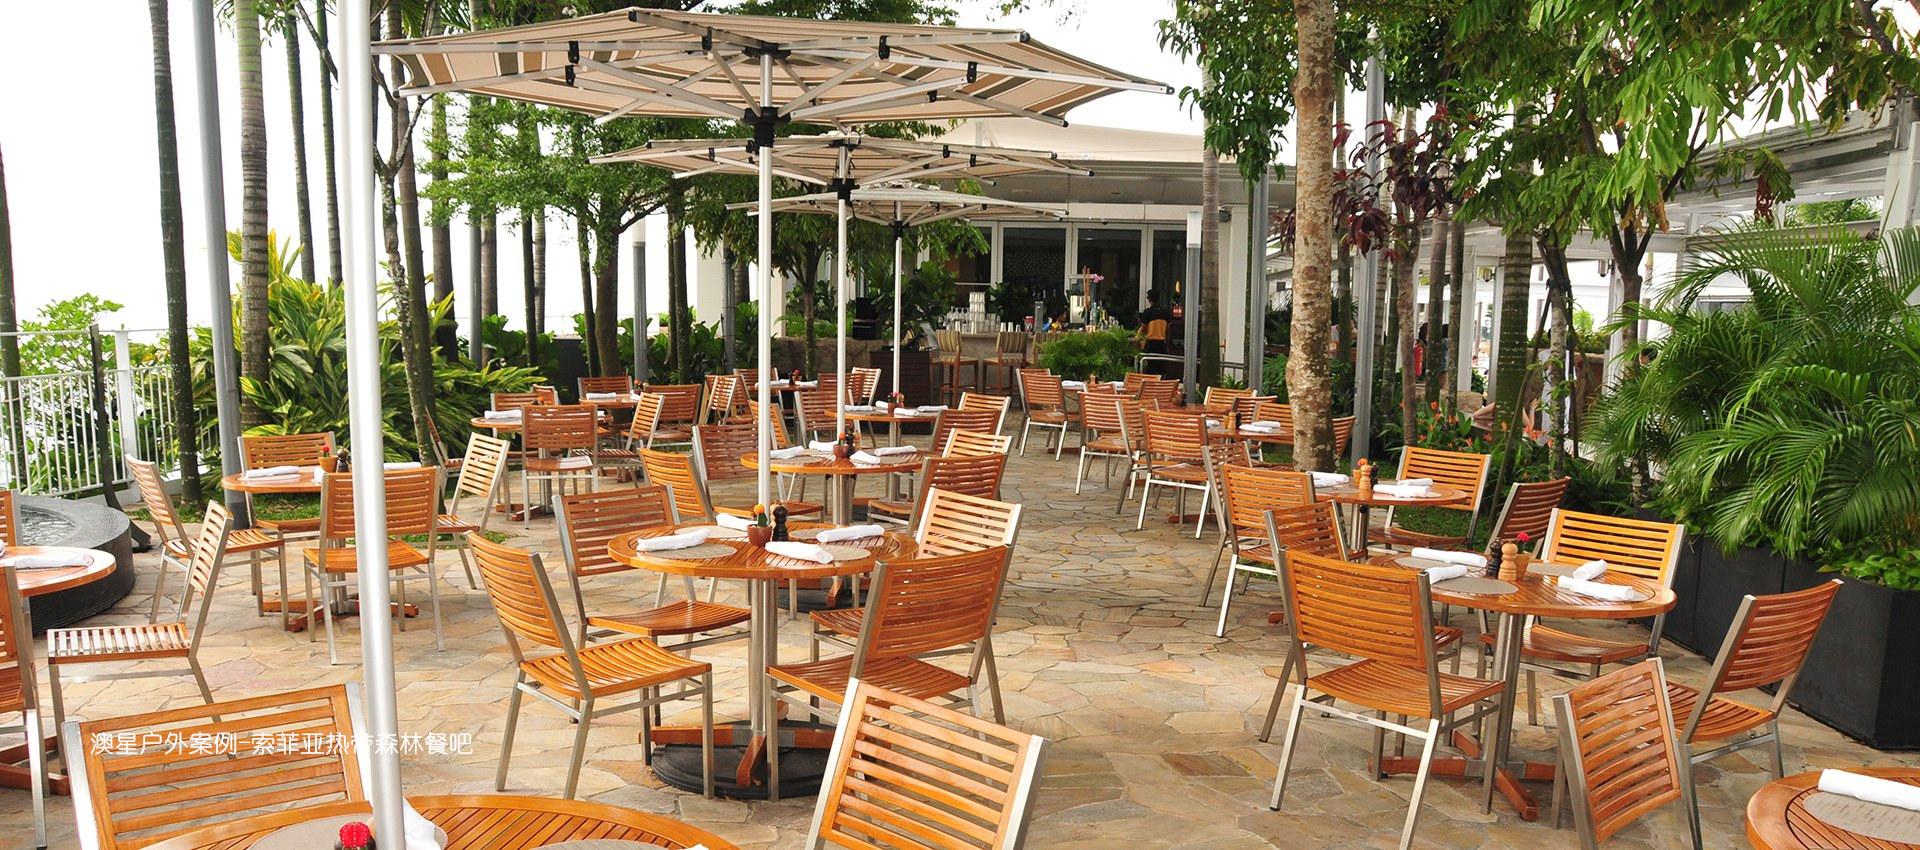 澳星户外广东厂家定制不锈钢实木户外家具餐桌椅沙发